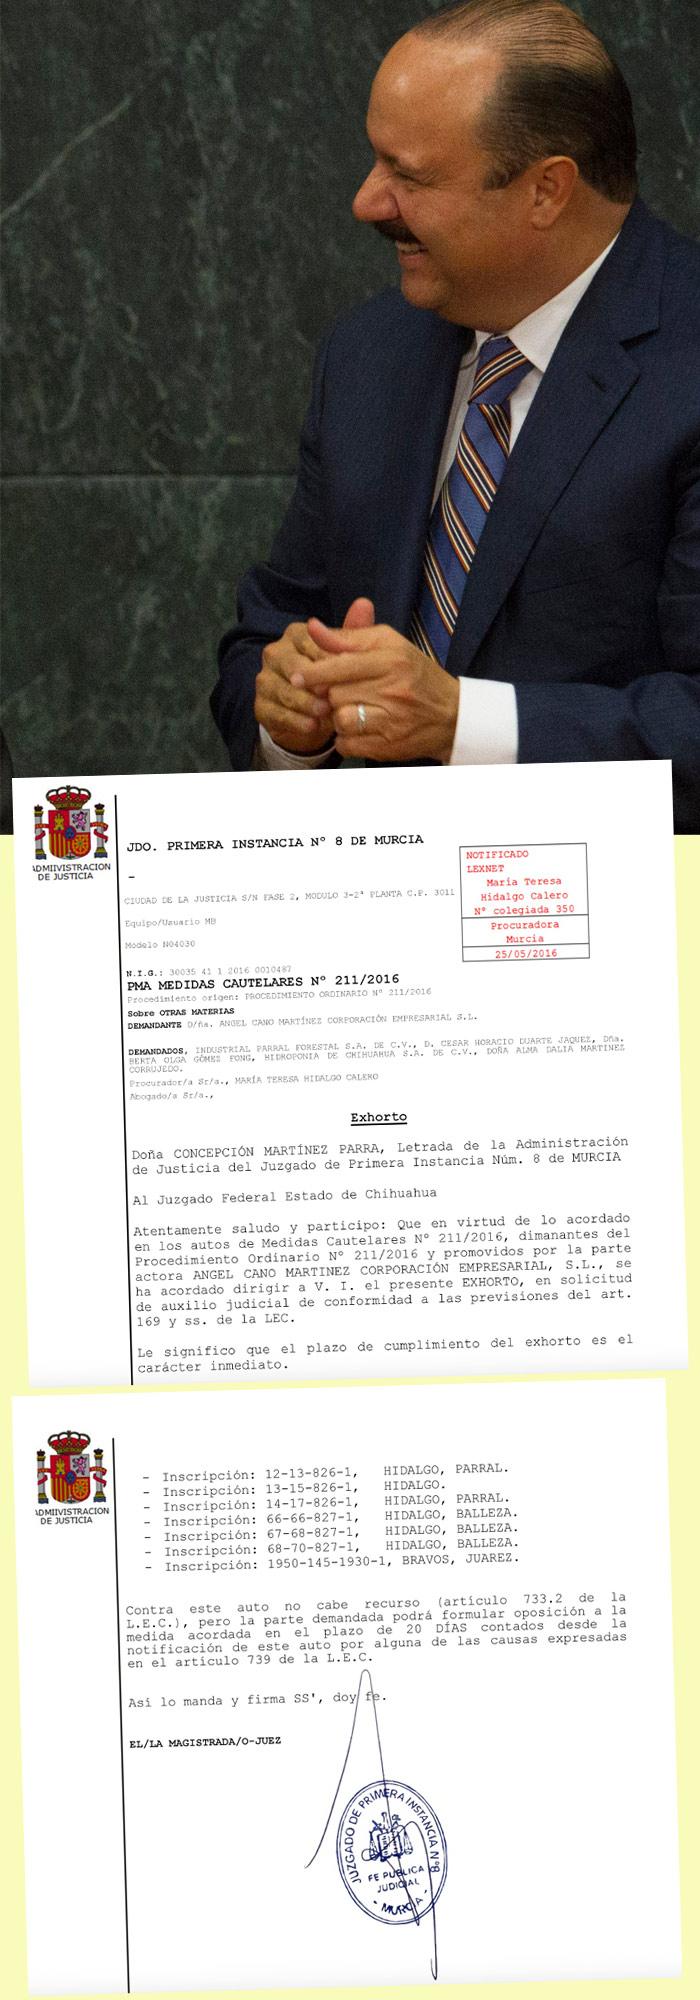 Documentos proporcionados por Jaime García Chávez. Foto: Cuartoscuro